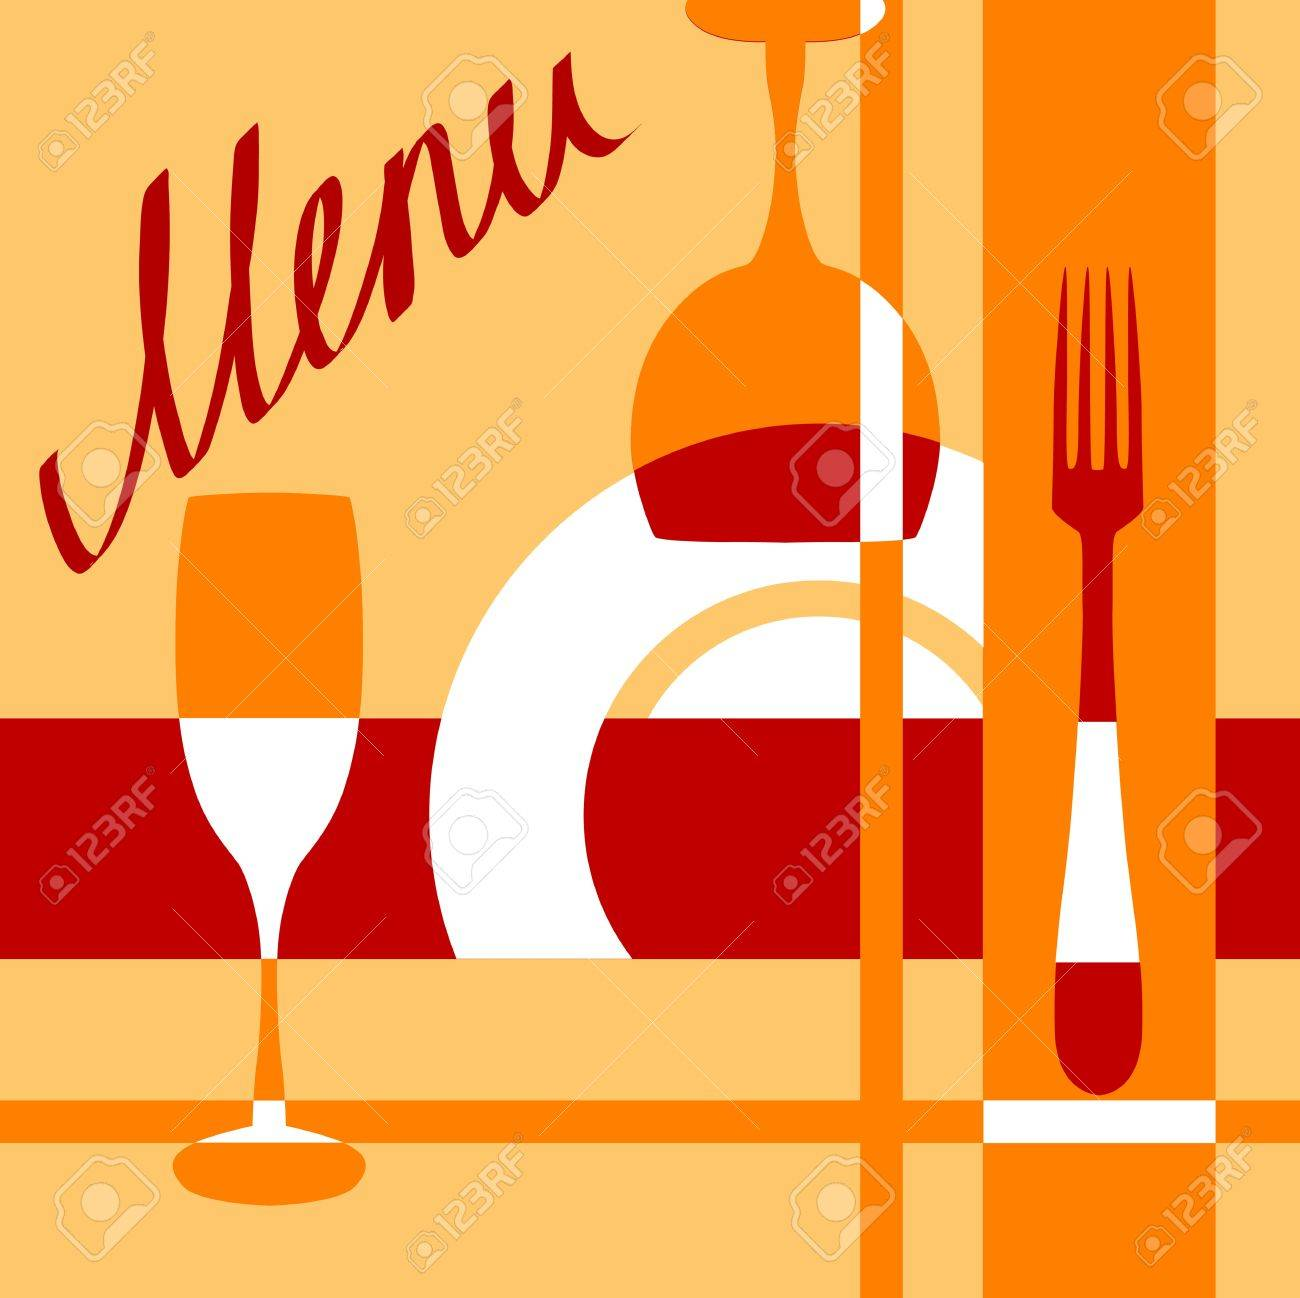 Bar or cafe menu cover background for design - 21317742